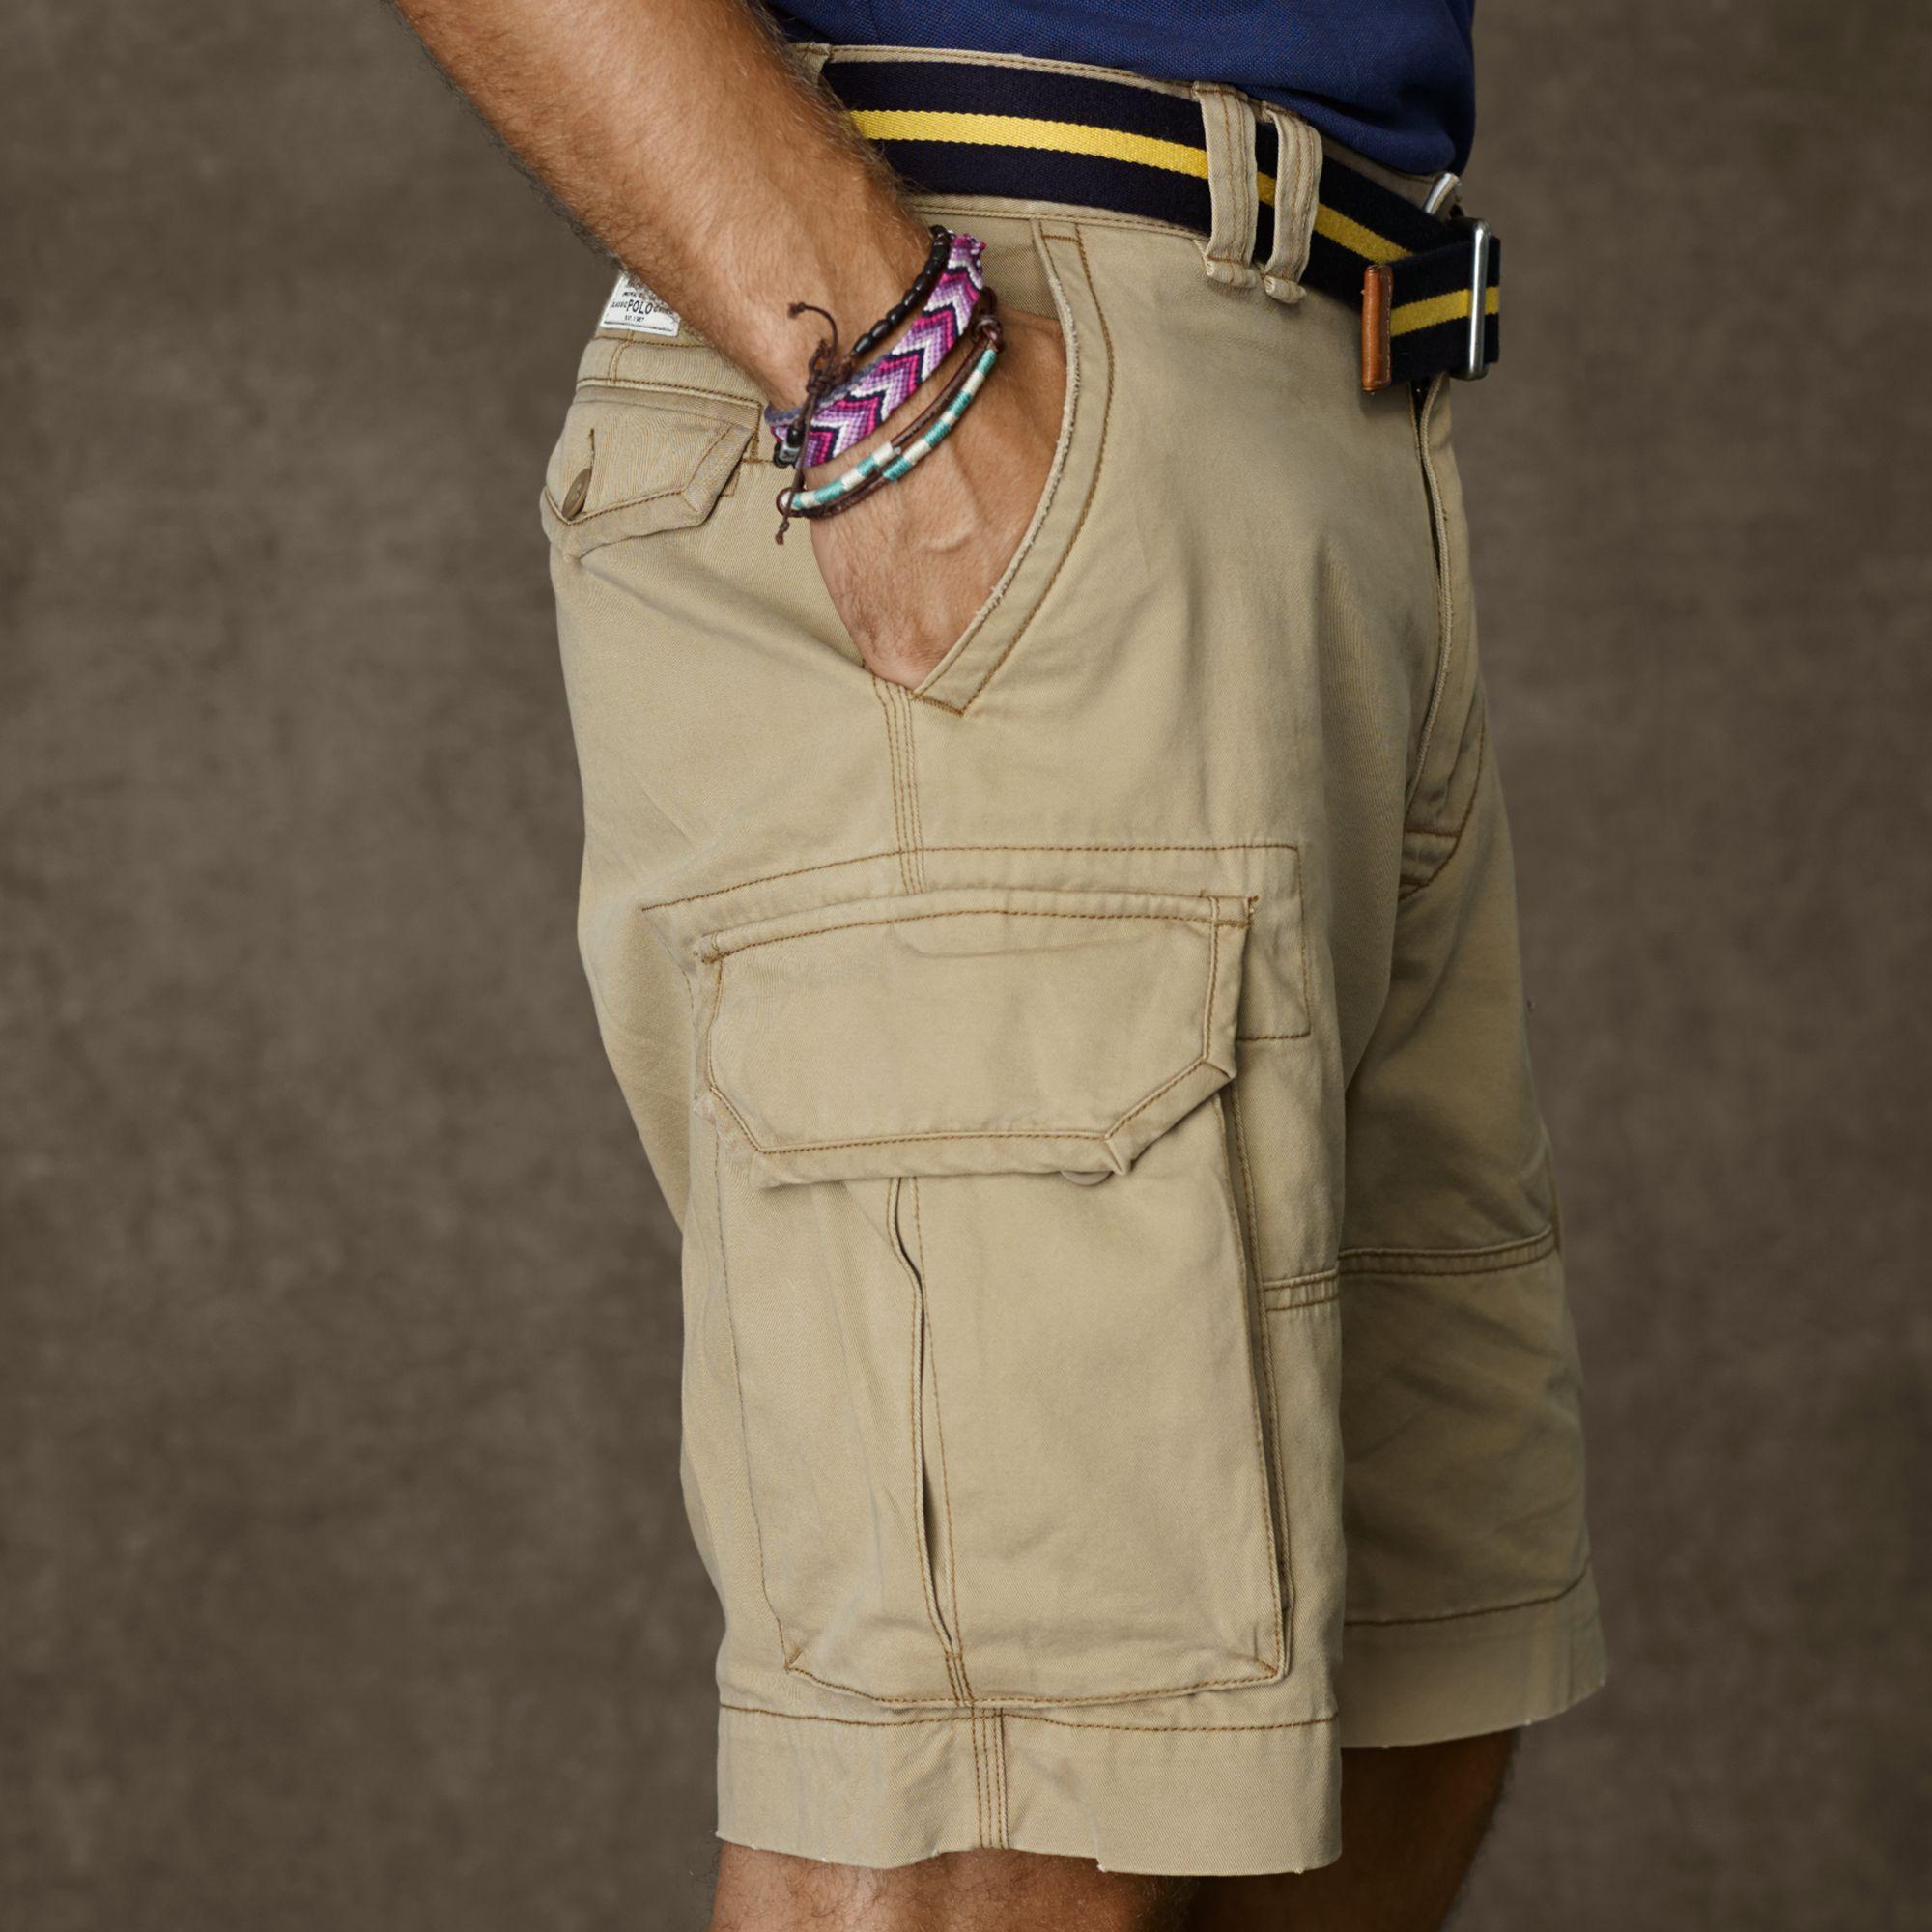 RL POLO官网在售 经典之作 军款M65系列 多色厚实工装短裤